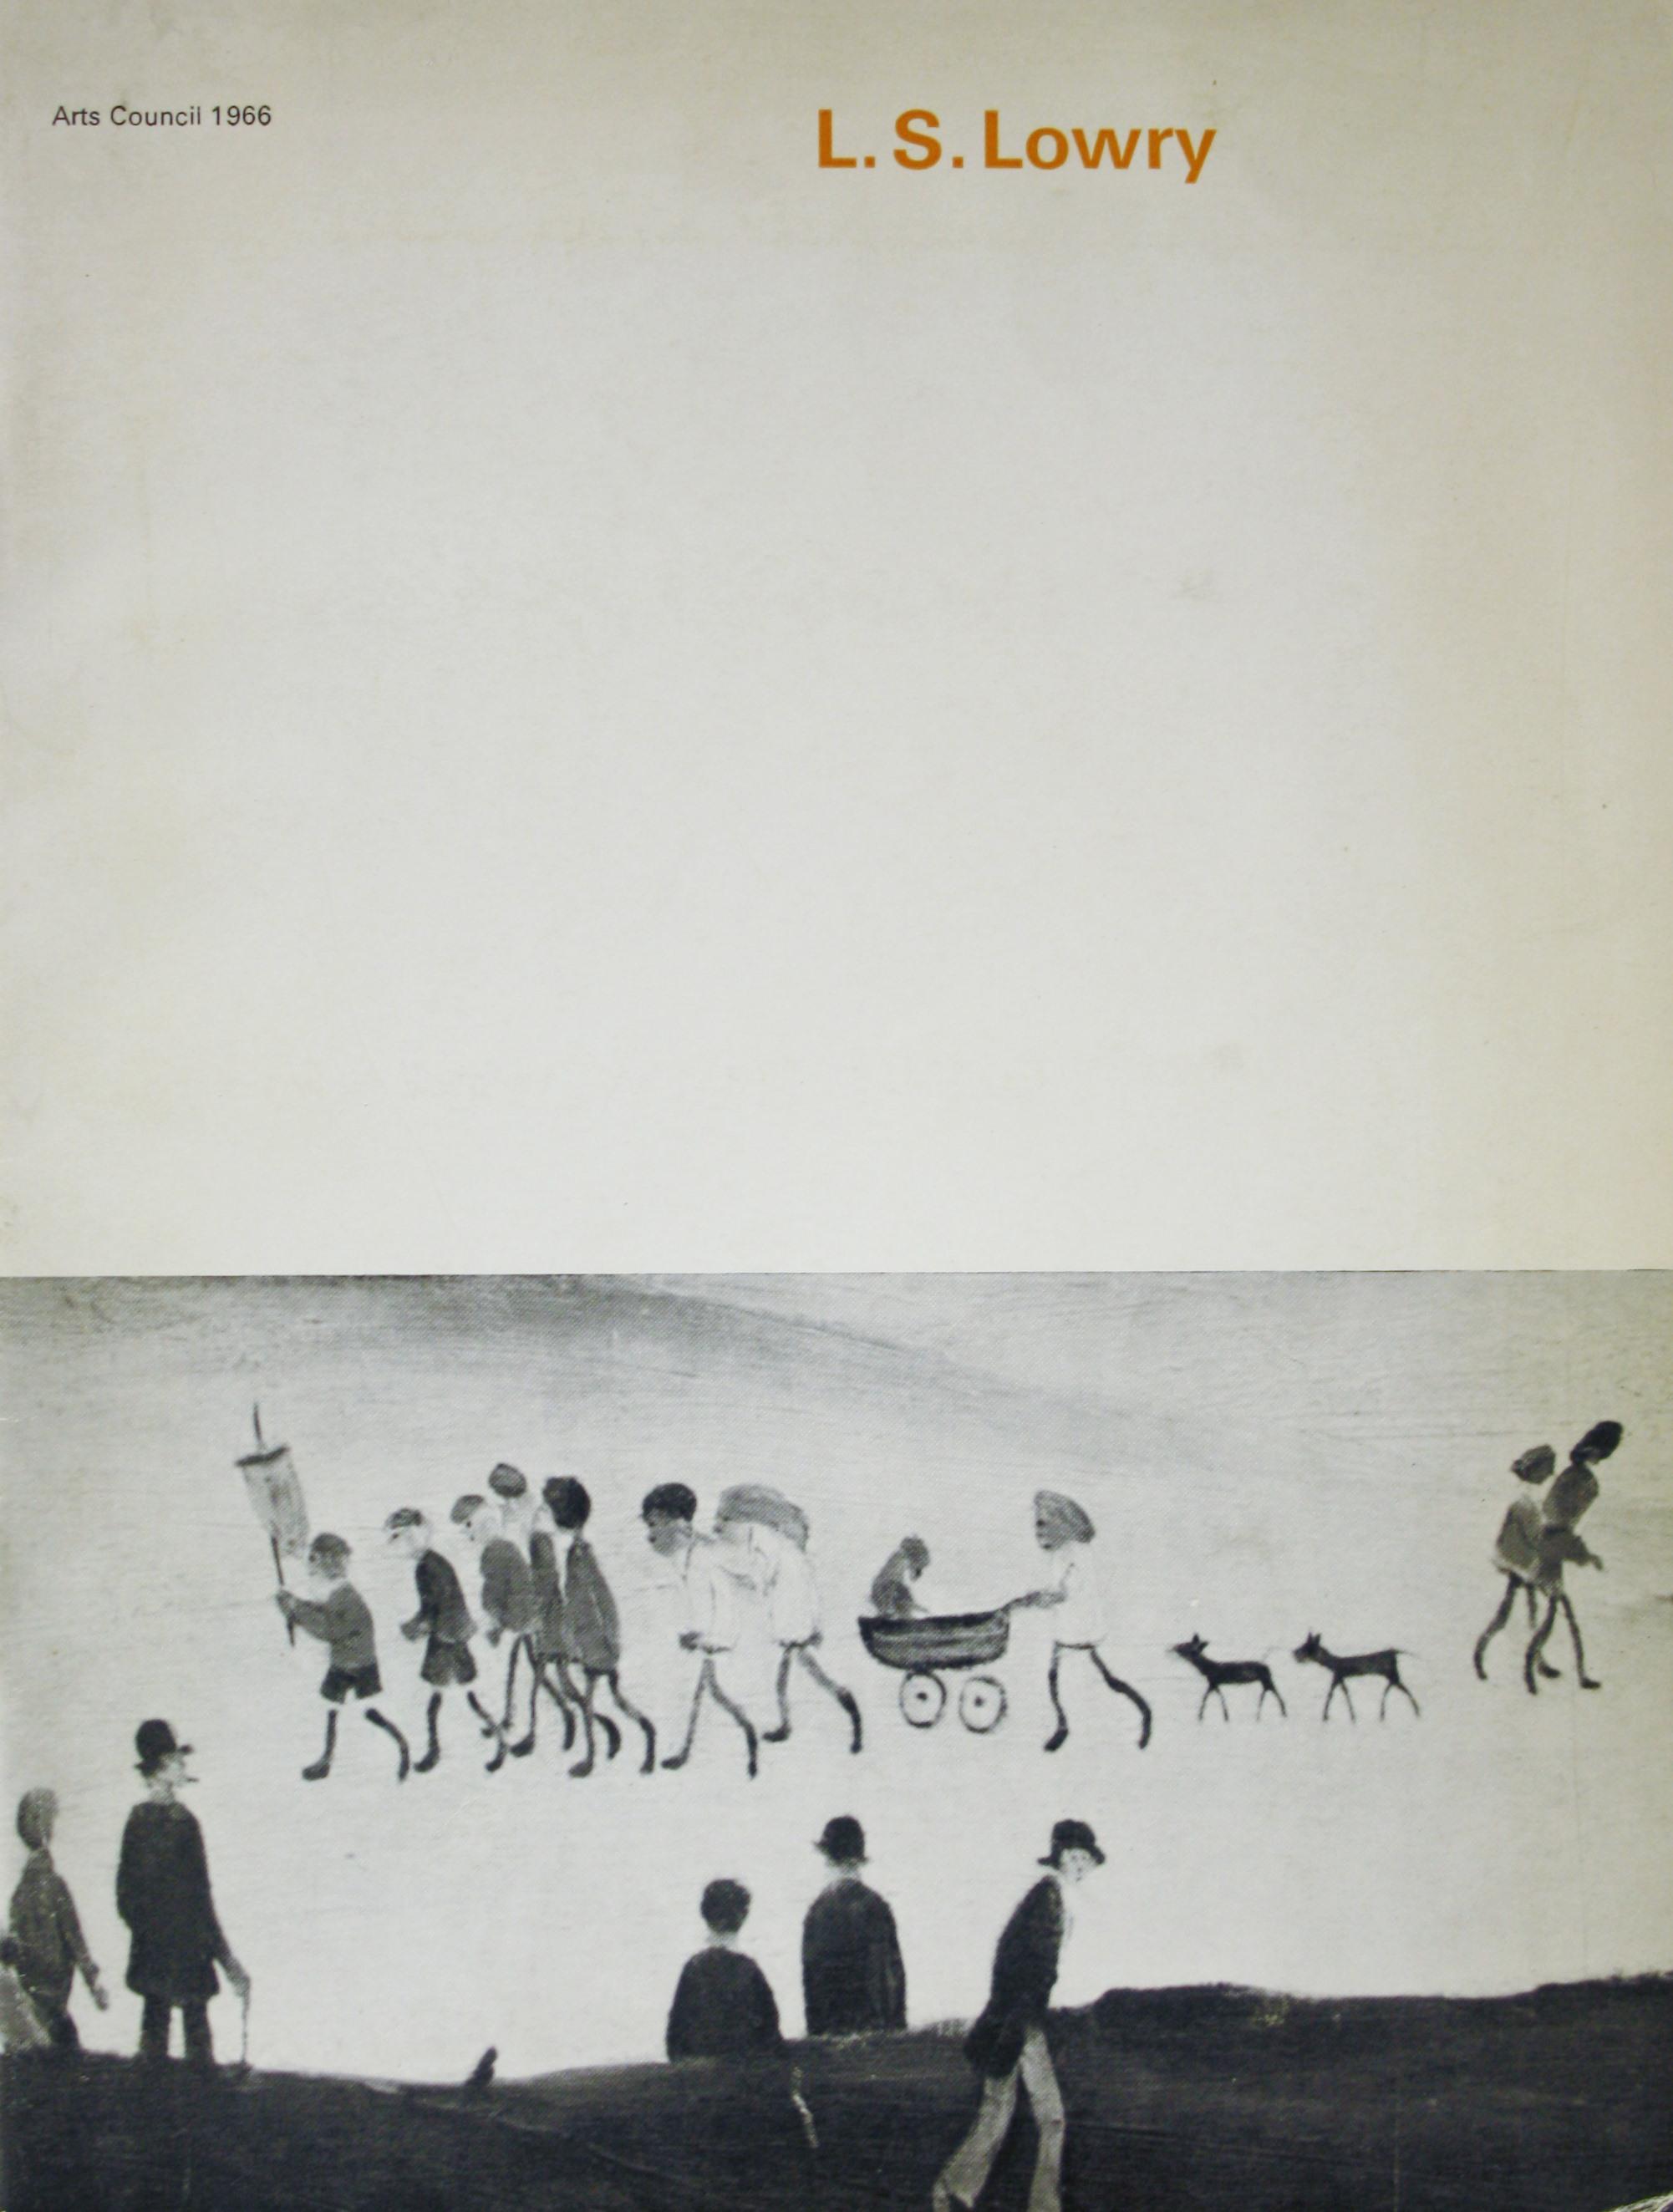 arts council 1966